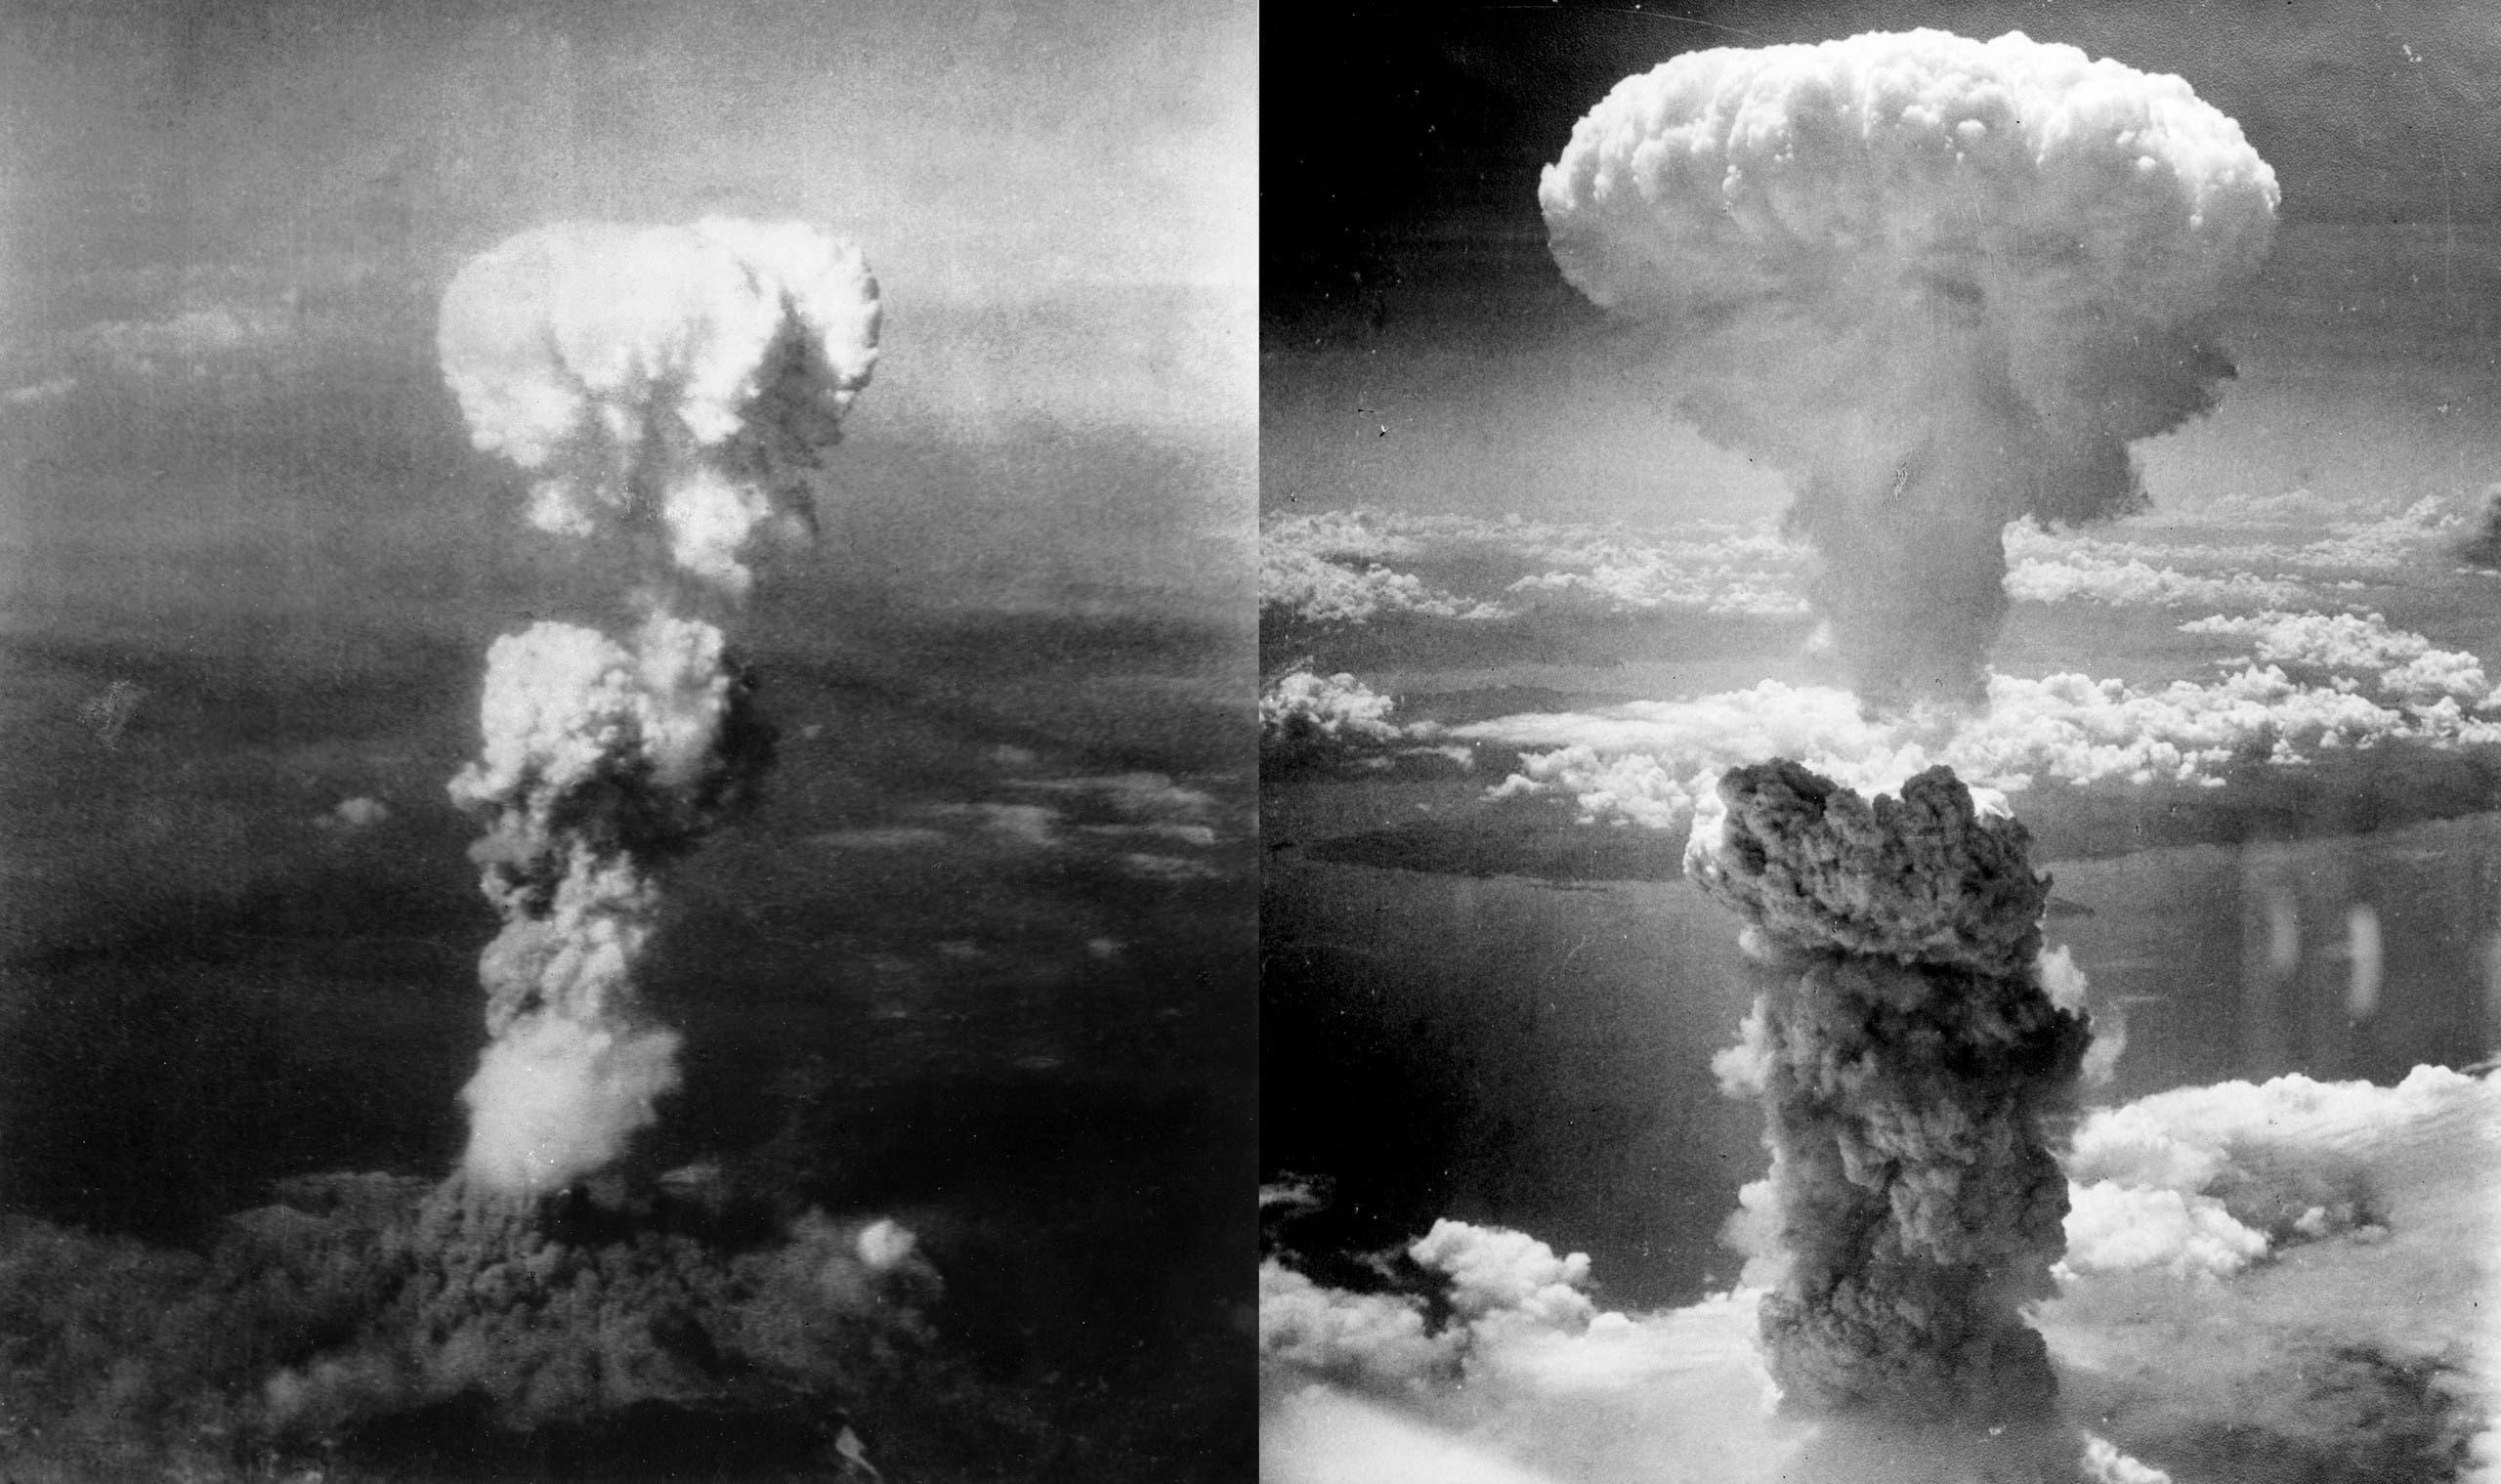 صور لانفجار القنابل النووية بكل من هيروشيما وناغازاكي